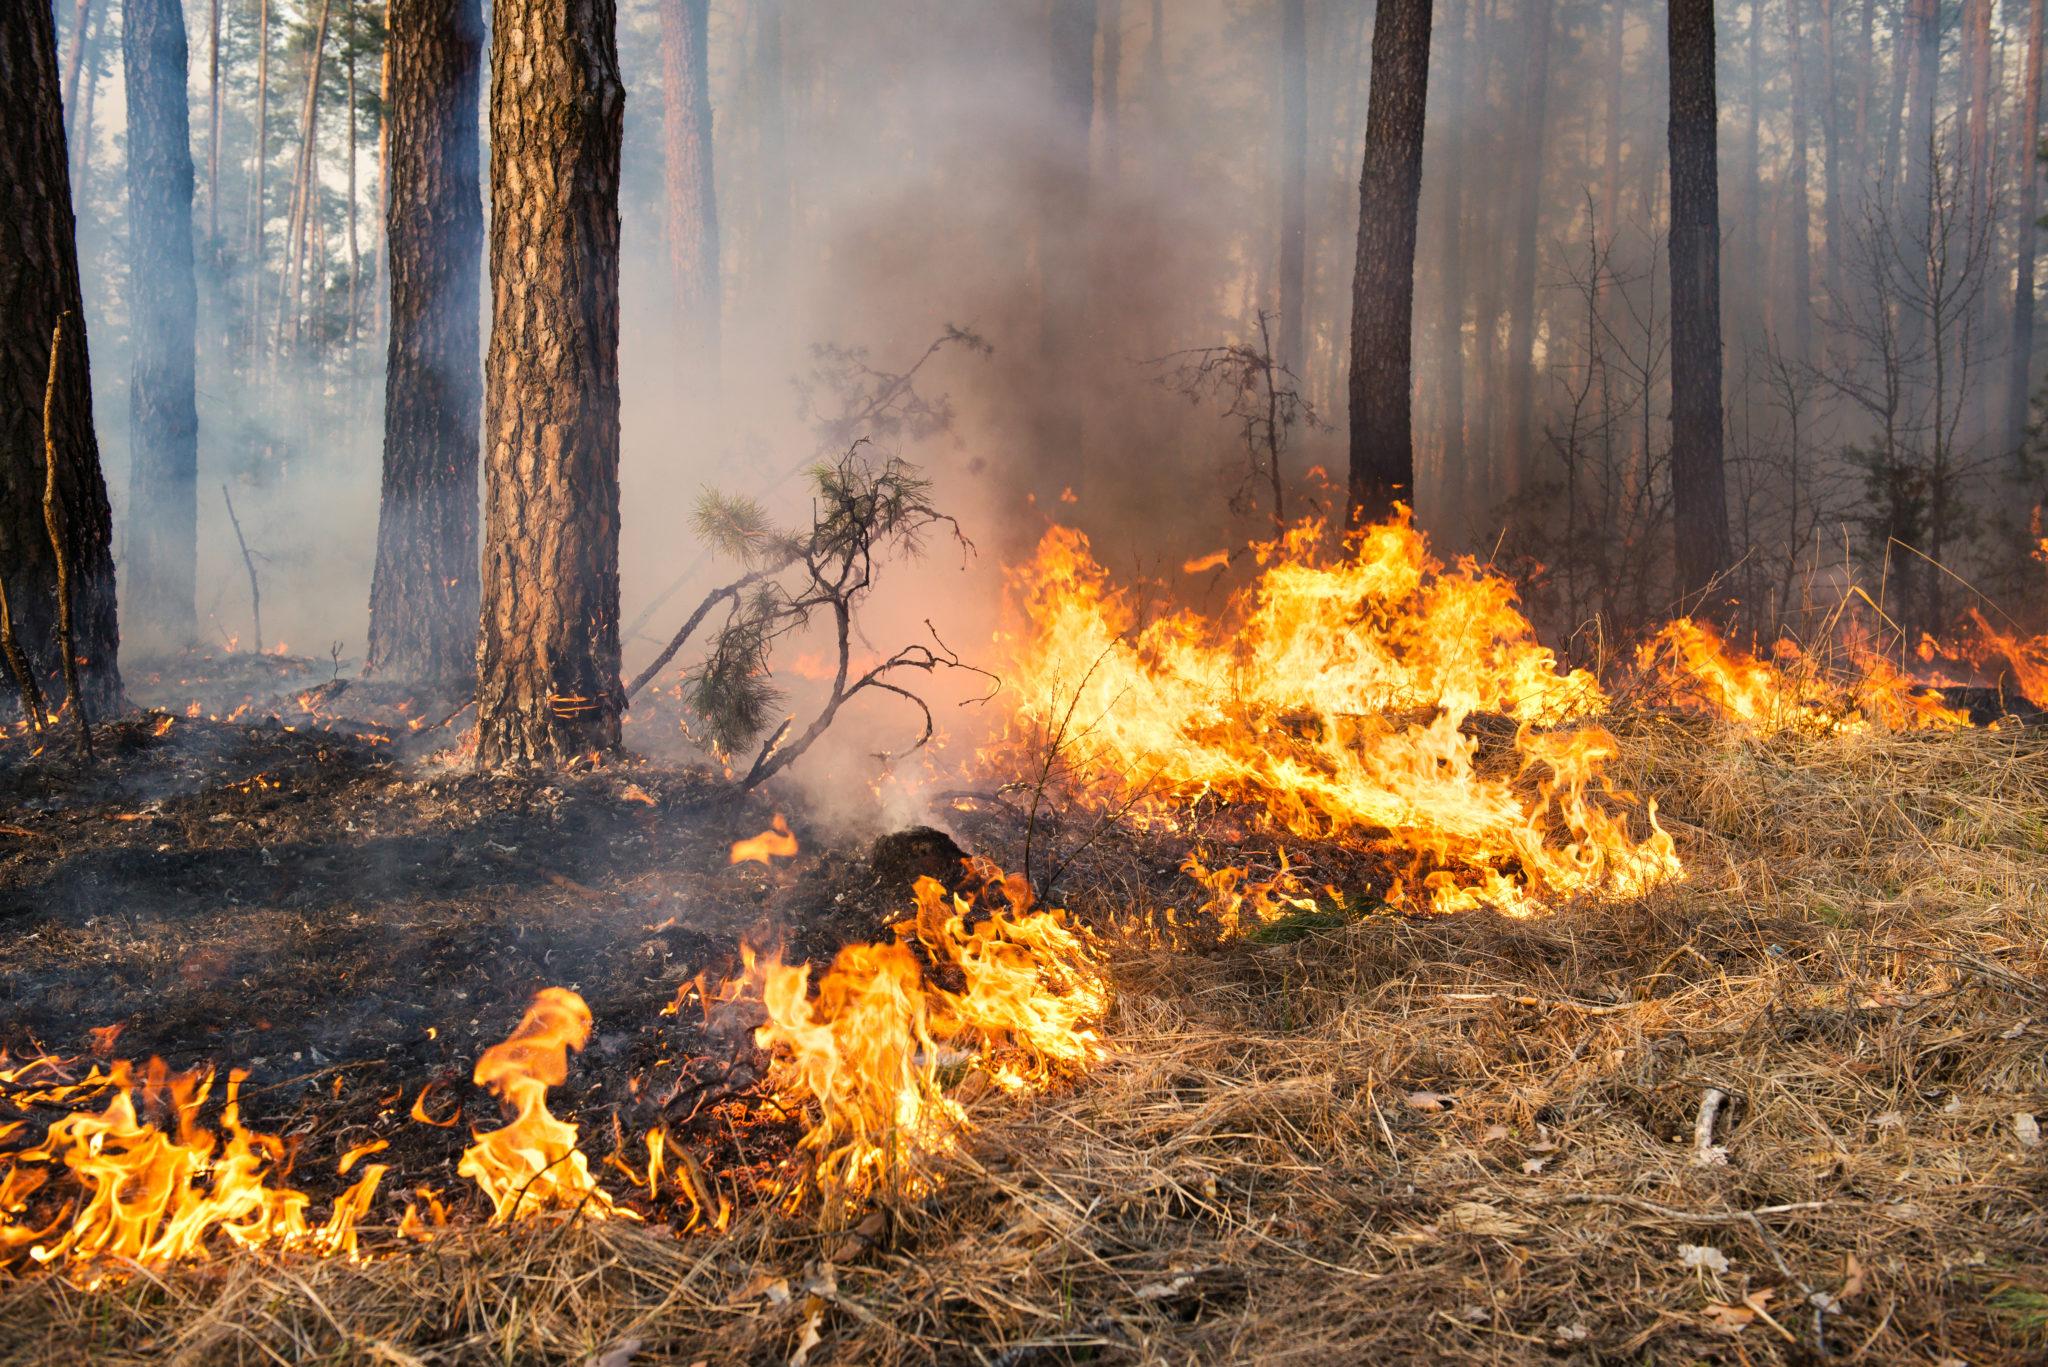 Коренные американцы, выжигая подлесок, оказали наформирование лесов Восточной части США бо́льшее влияние, чем естественные изменения климата.